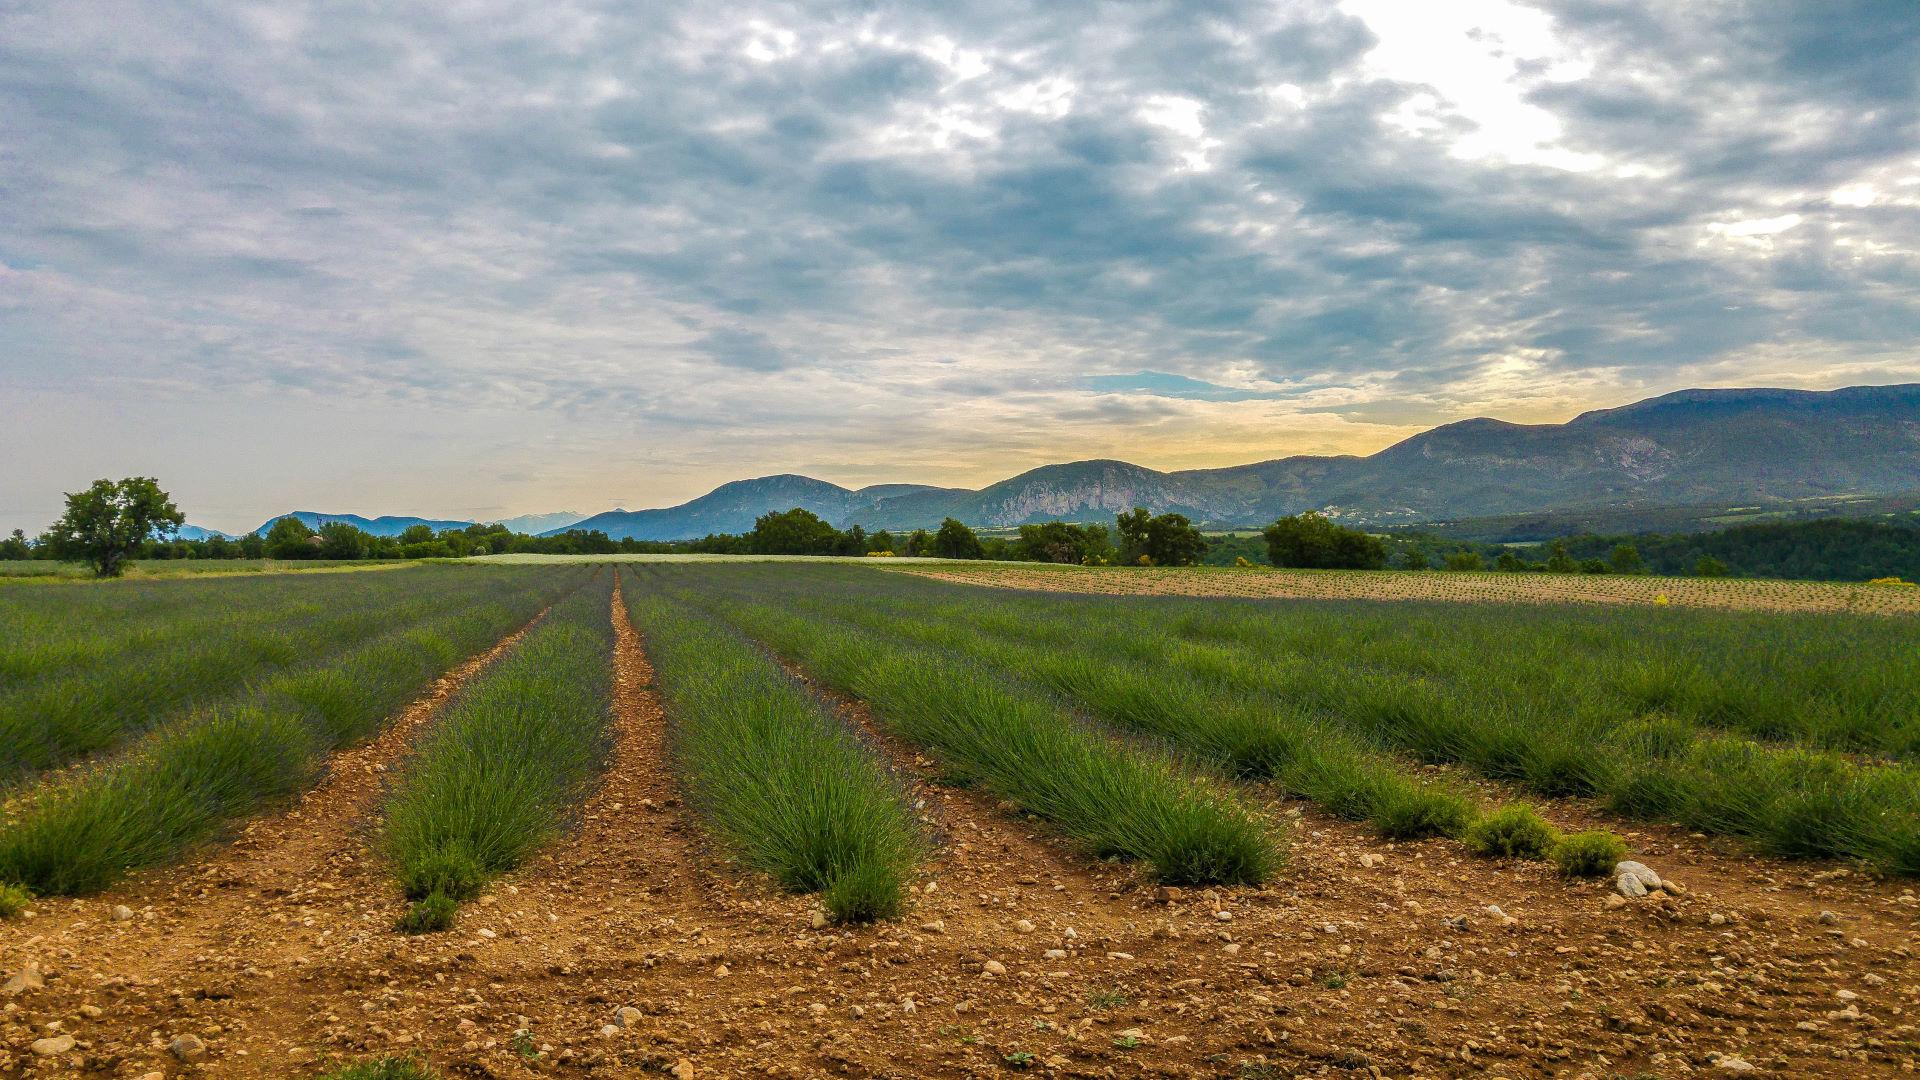 Lavendel in der Provence - Ein Hauch von Lila ist schon zu erkennen